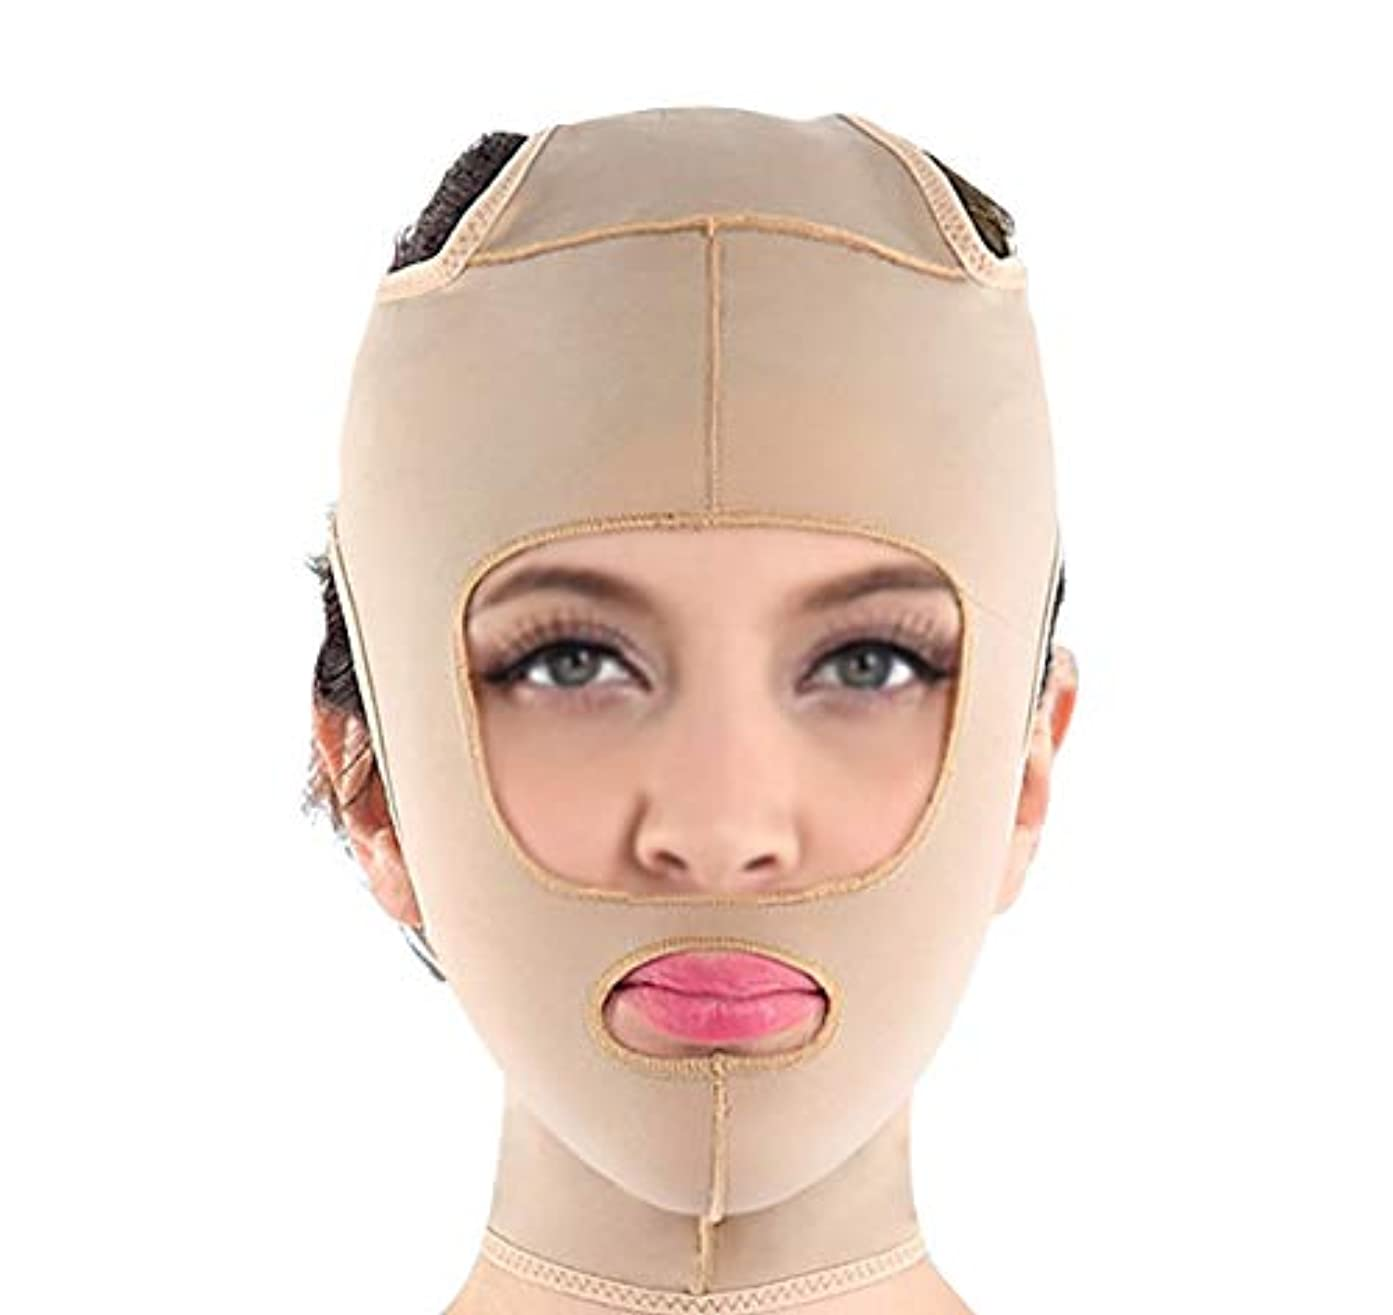 ランタンキャラクター転送包帯vフェイス楽器フェイスマスクマジックフェイスフェイシャルファーミングフェイシャルマッサージフェイシャルリンクルリフティング引き締めプラスチックマスク (Size : L)